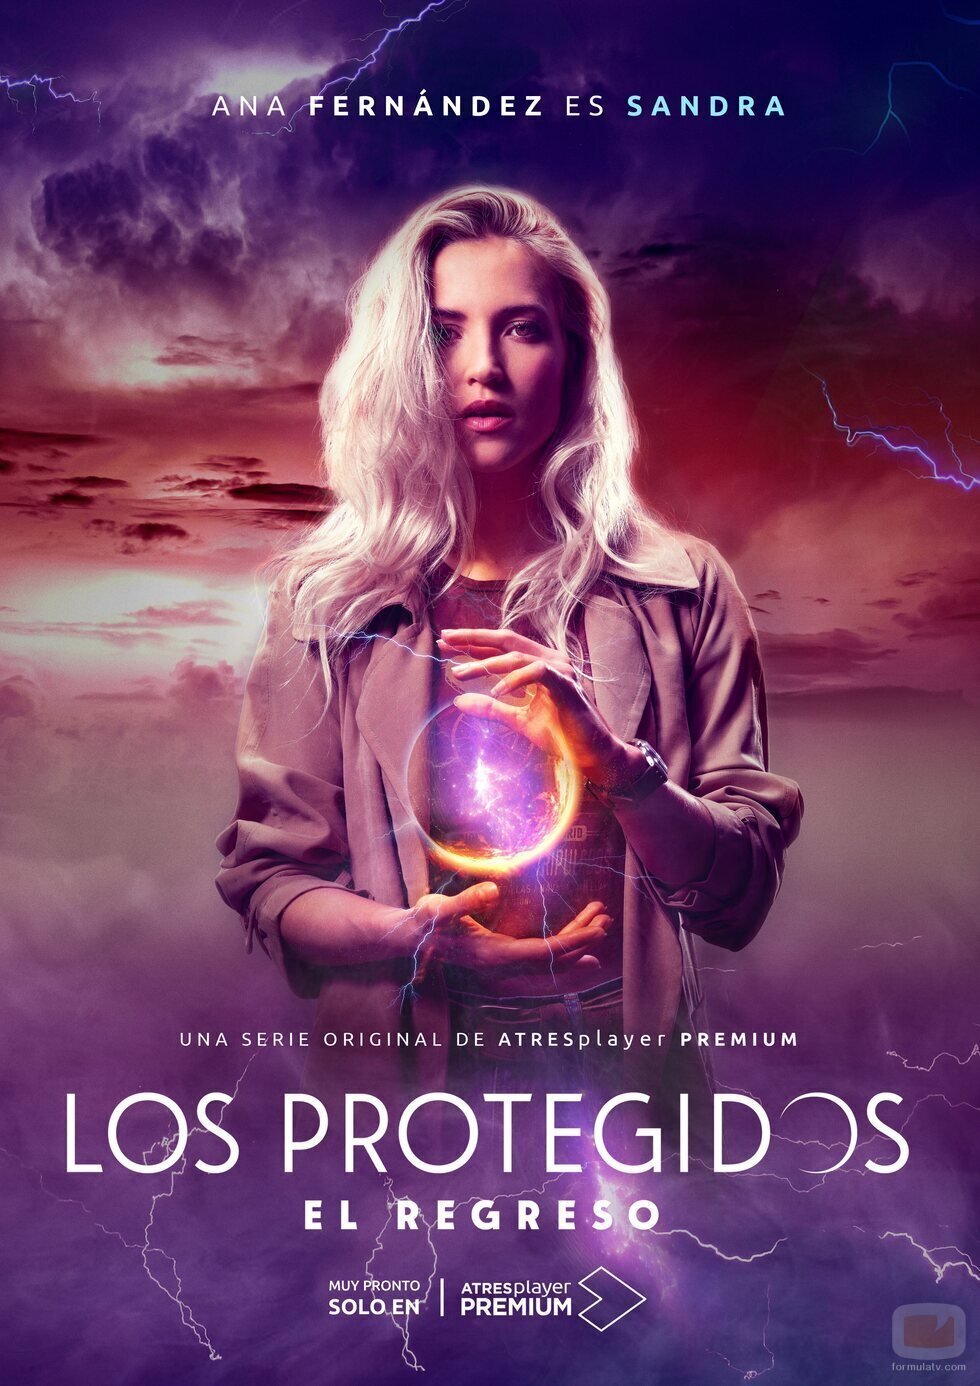 Póster de Sandra (Ana Fernández), en 'Los protegidos: El regreso'